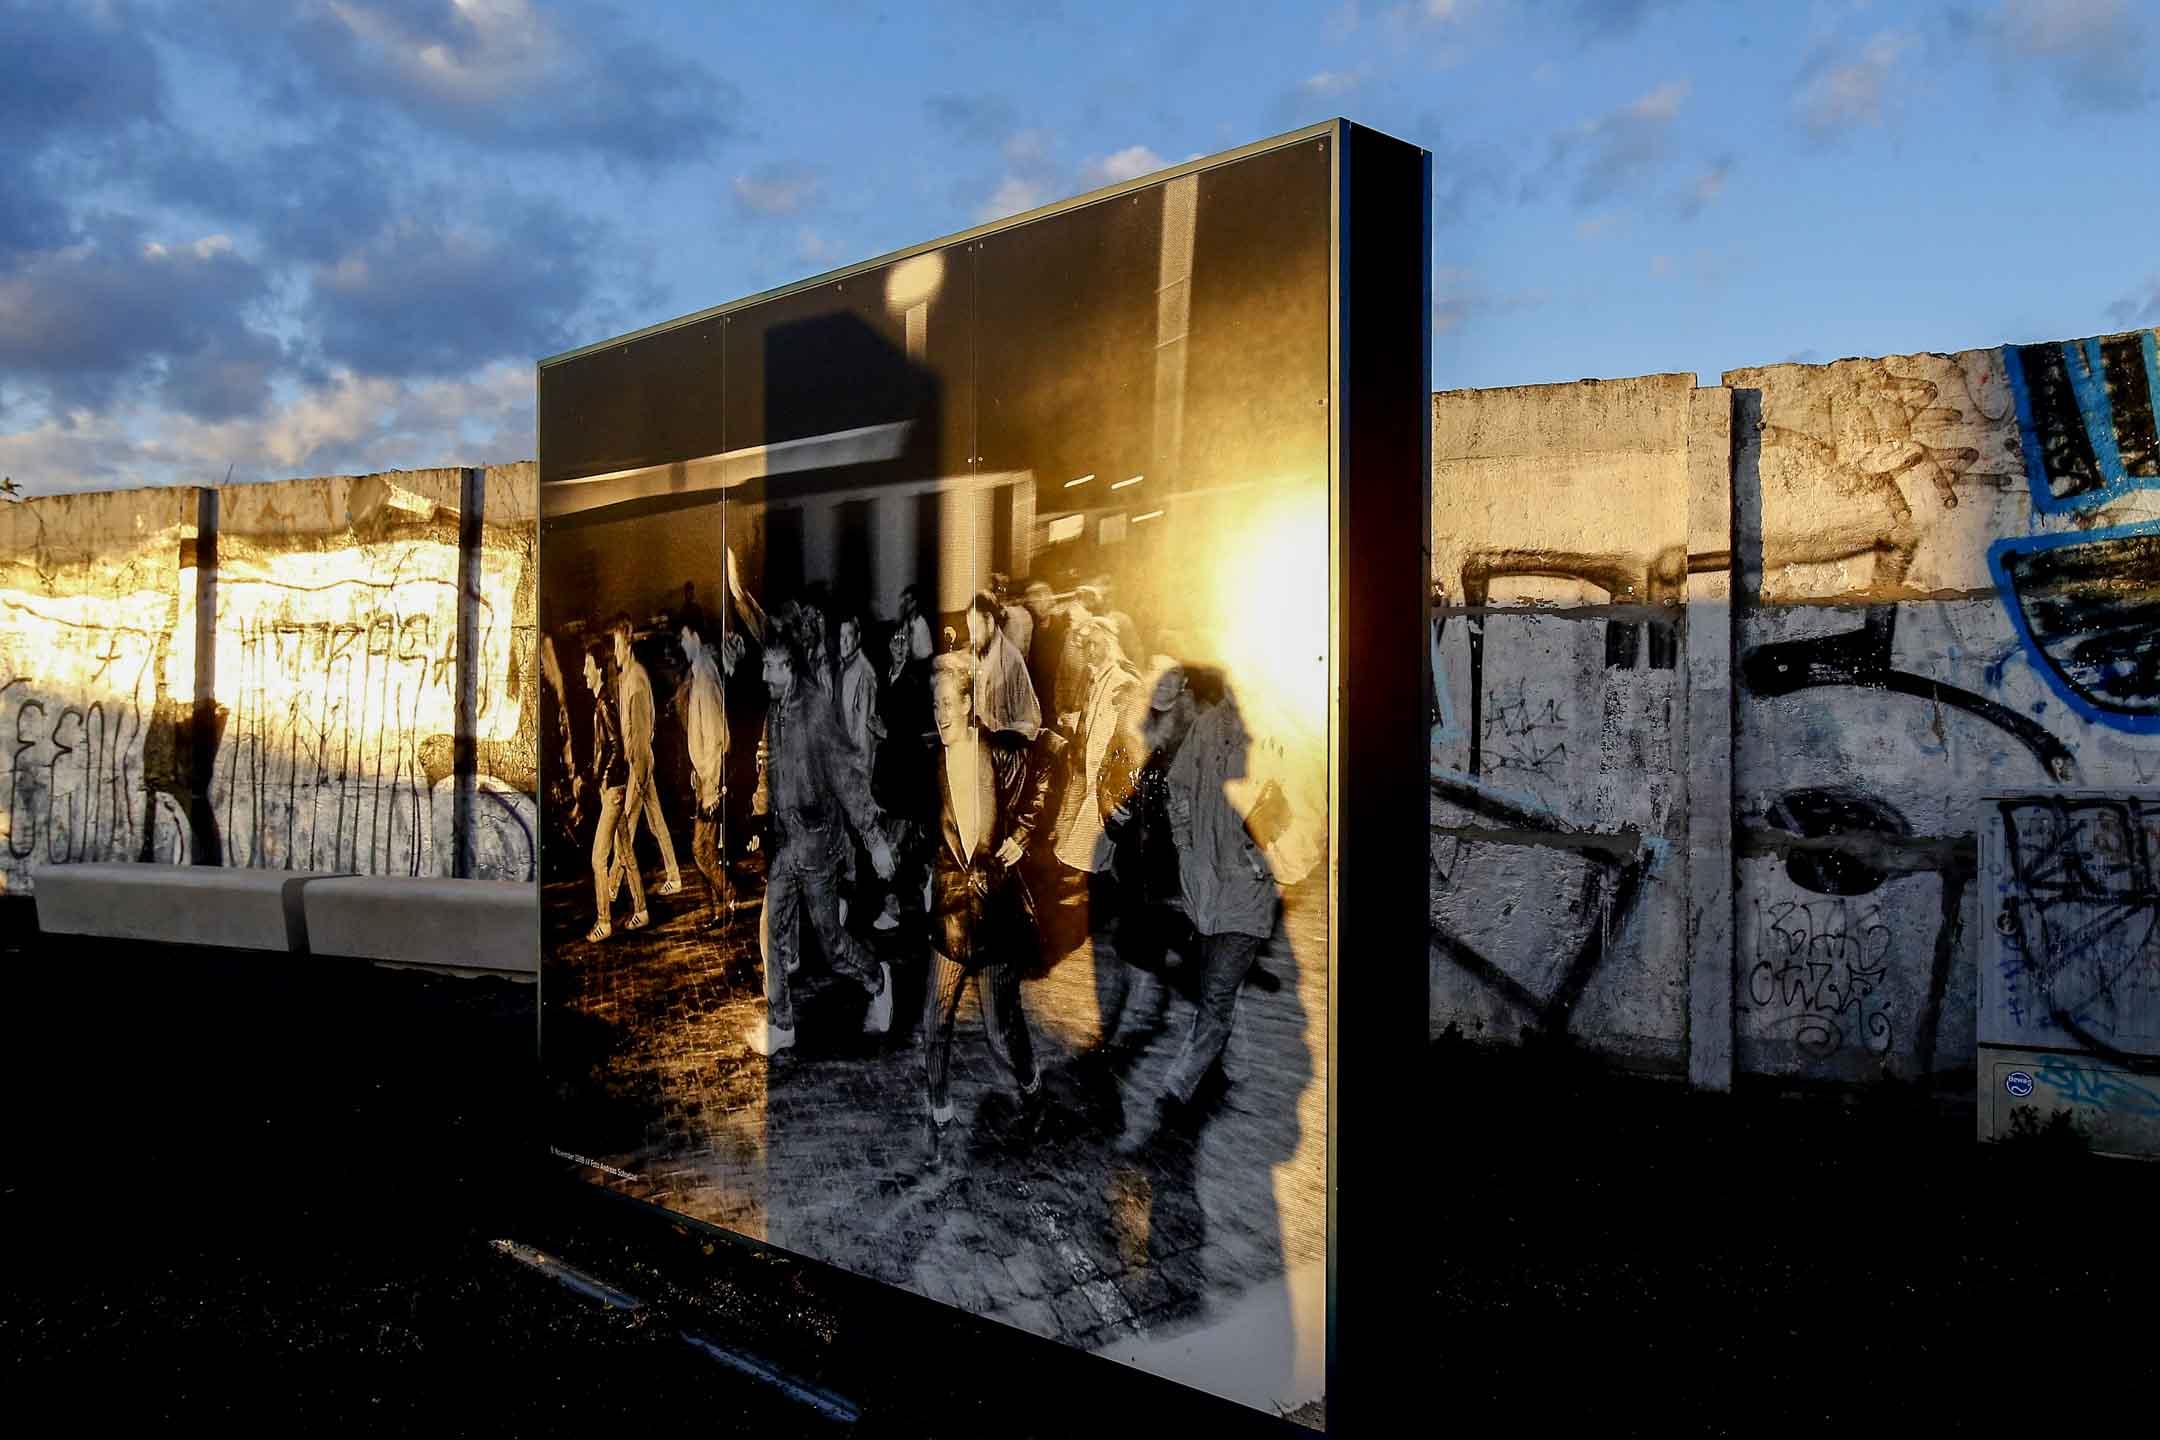 2013年11月9日柏林牆倒塌的24週年,柏林圍牆紀念館內一個人在歷史圖片上投下了陰影。 攝:Tobias Schwarz/Reuters/達志影像